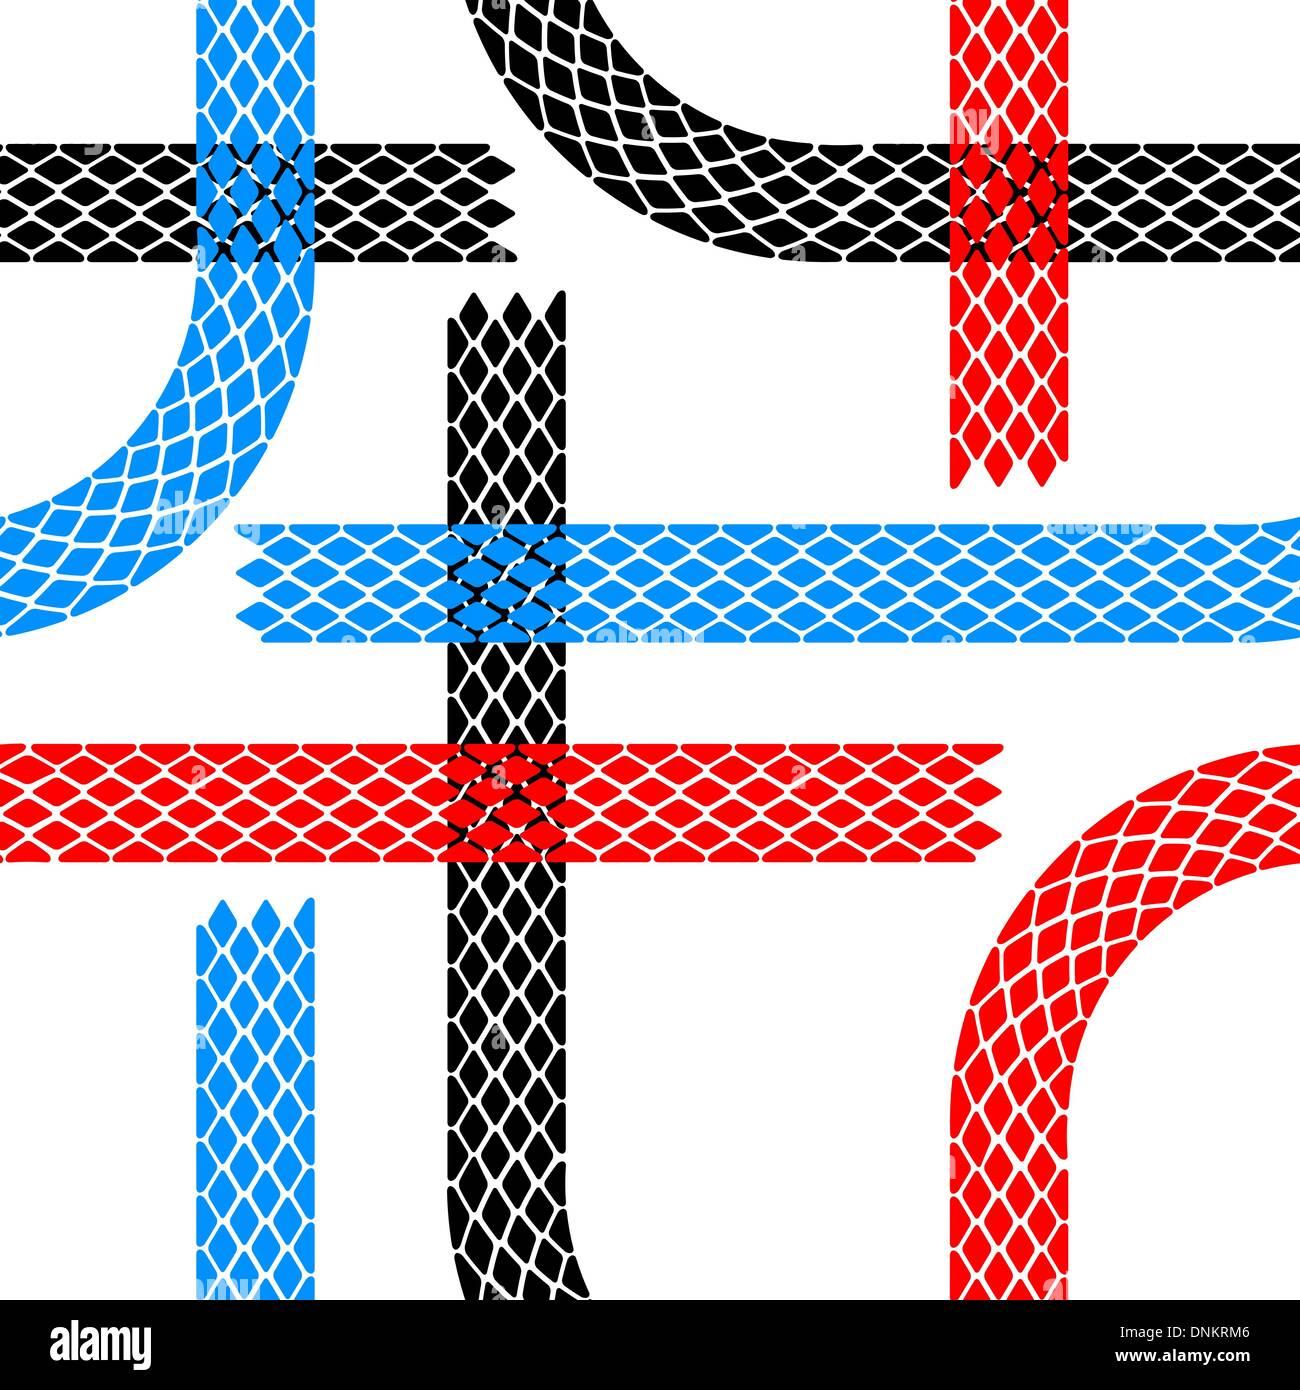 Las huellas de los neumáticos wallpaper perfecta ilustración de fondo vector patrón Imagen De Stock